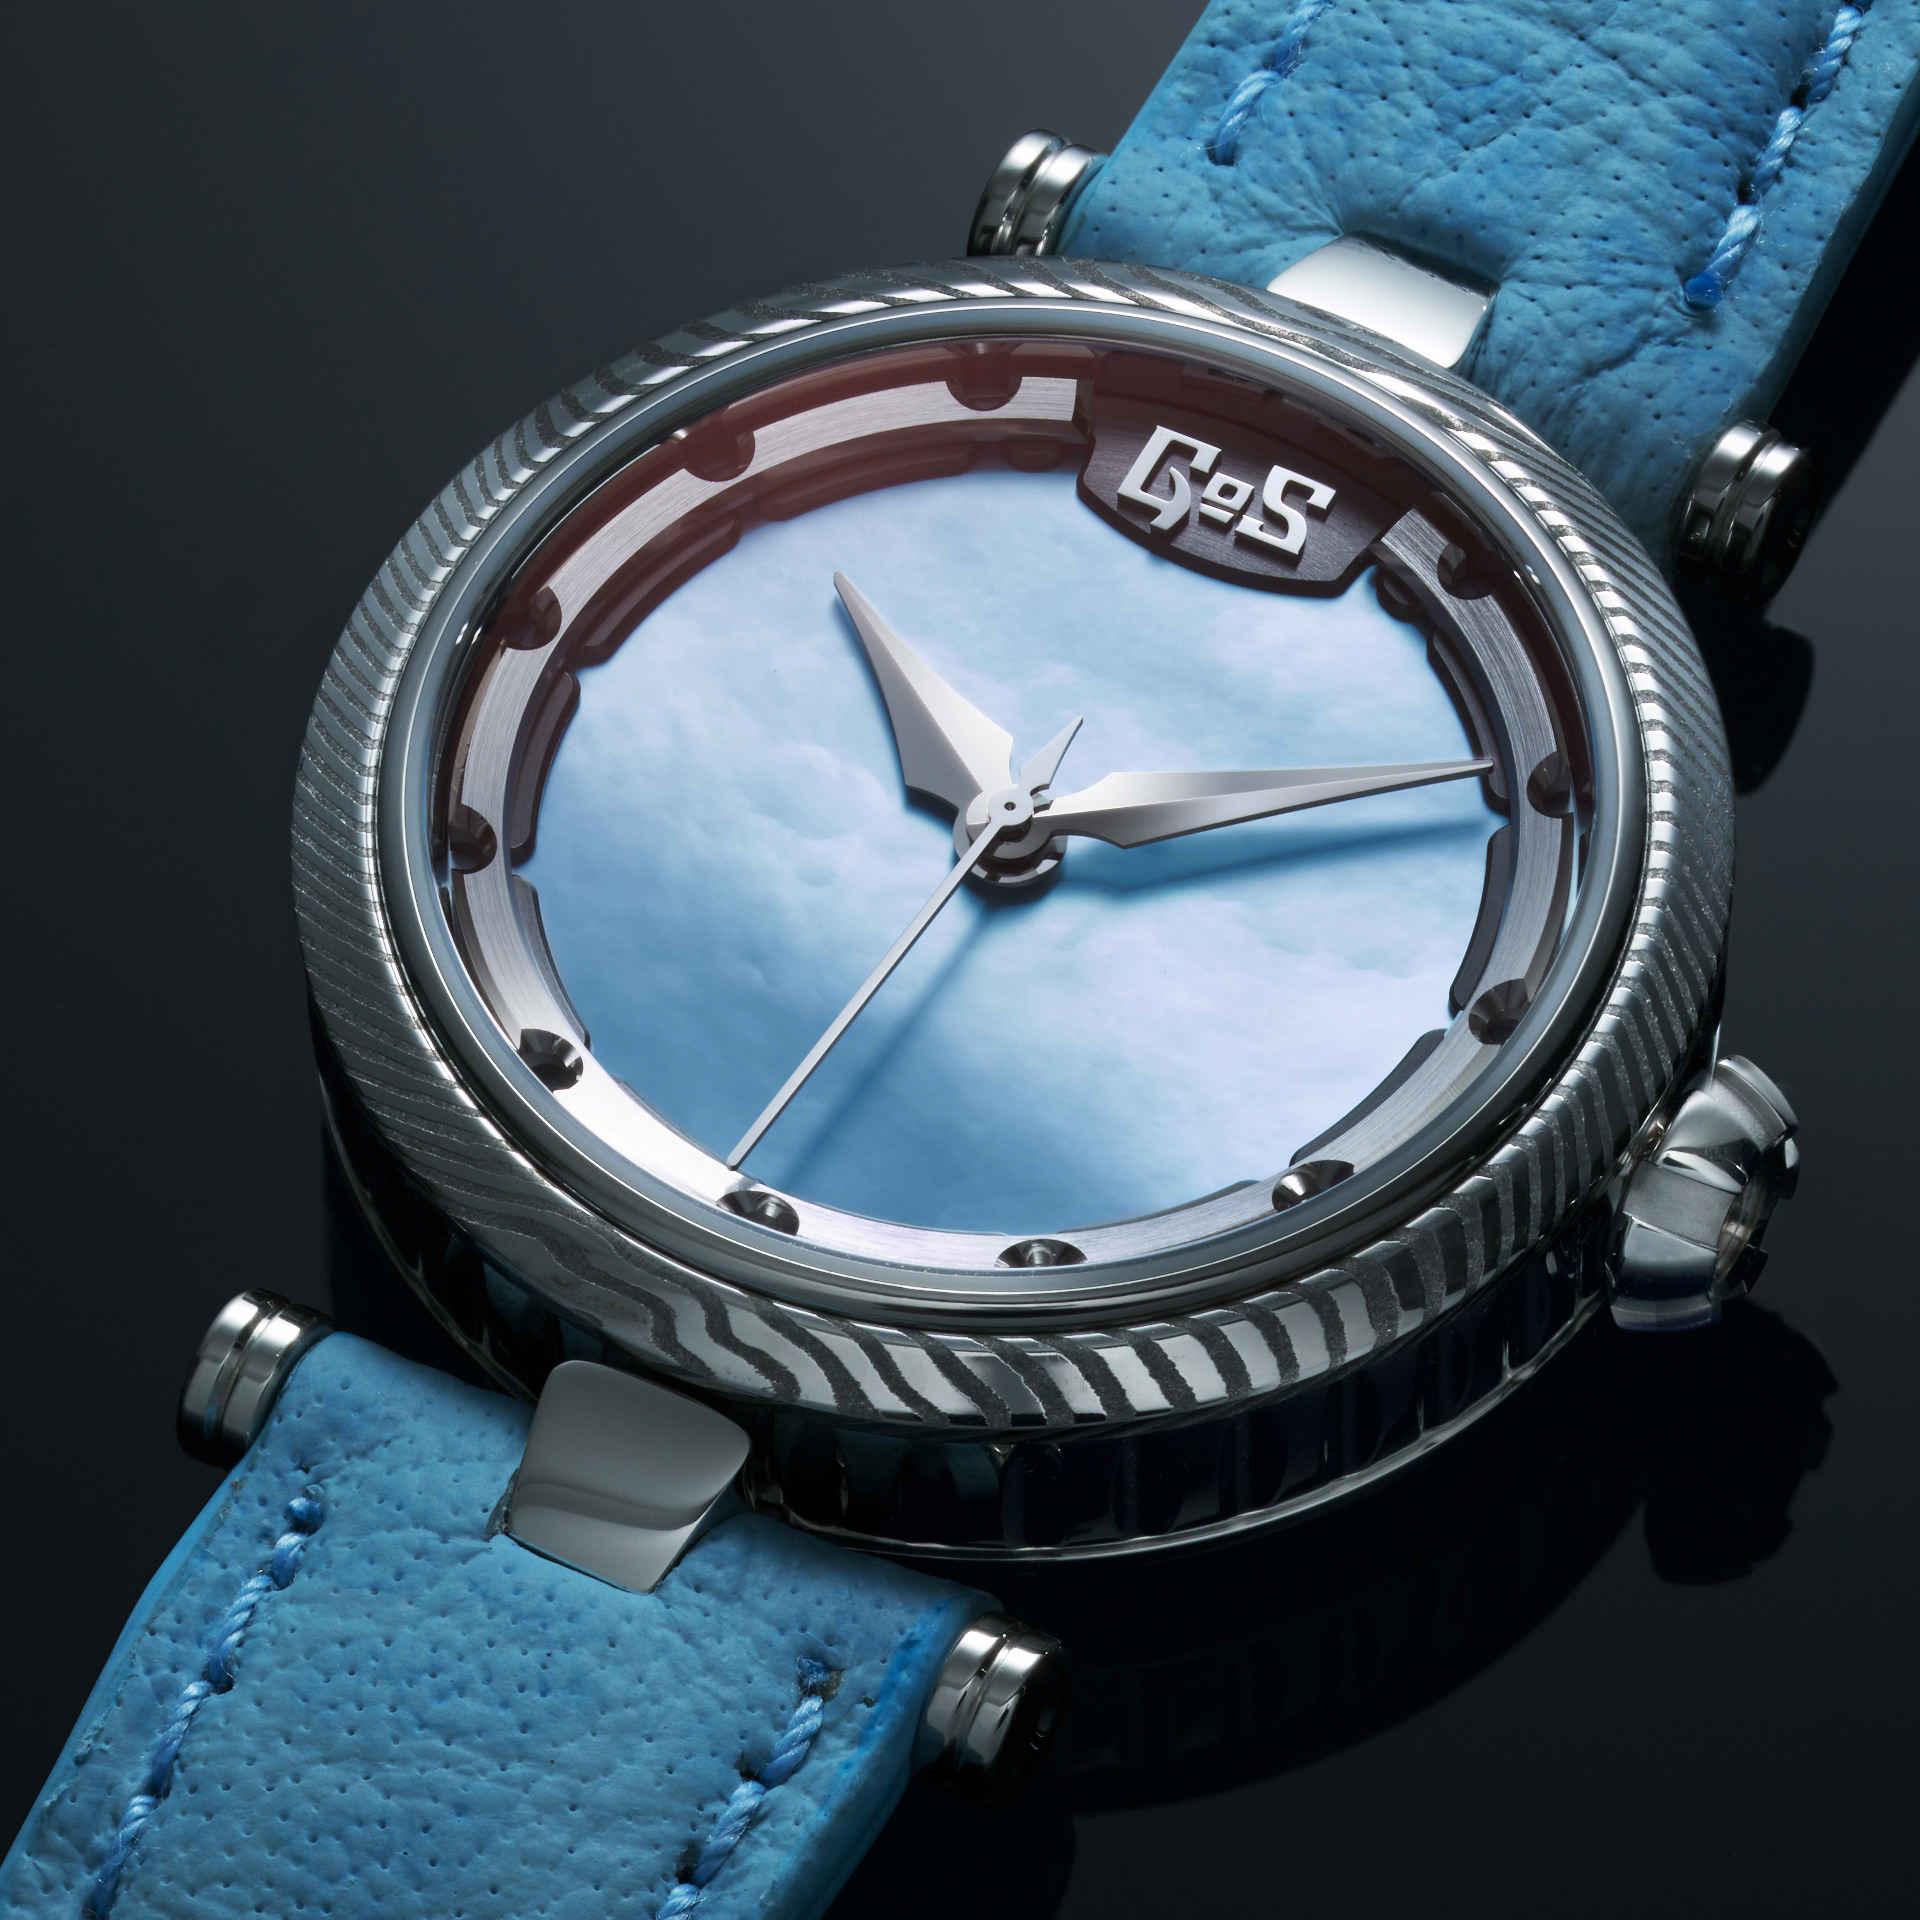 GoS watches Sarek Sunset watch